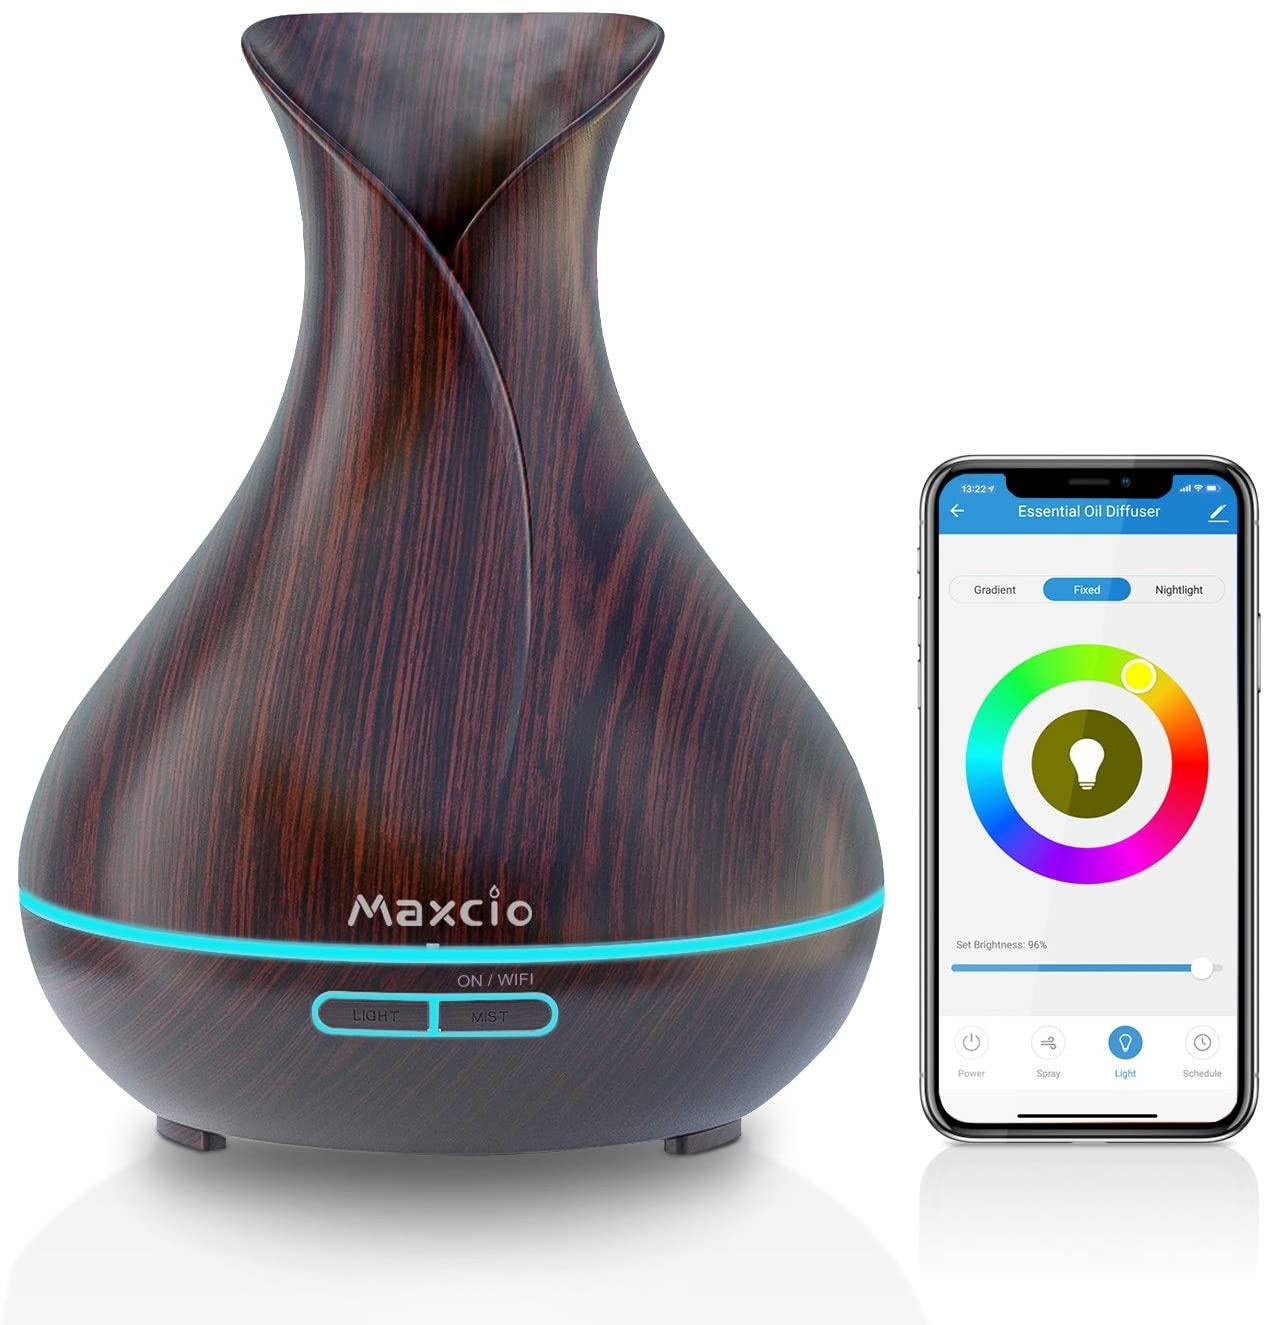 WiFi Difusor Aromaterapia Alexa, Maxcio Humidificador Ultrasónico Aceites Esenciales 400ml 7-Color LED 2 Modos de Nieble Controlable por Vía Wifi y Voz Compatible Con Amazon Alexa y Google Home